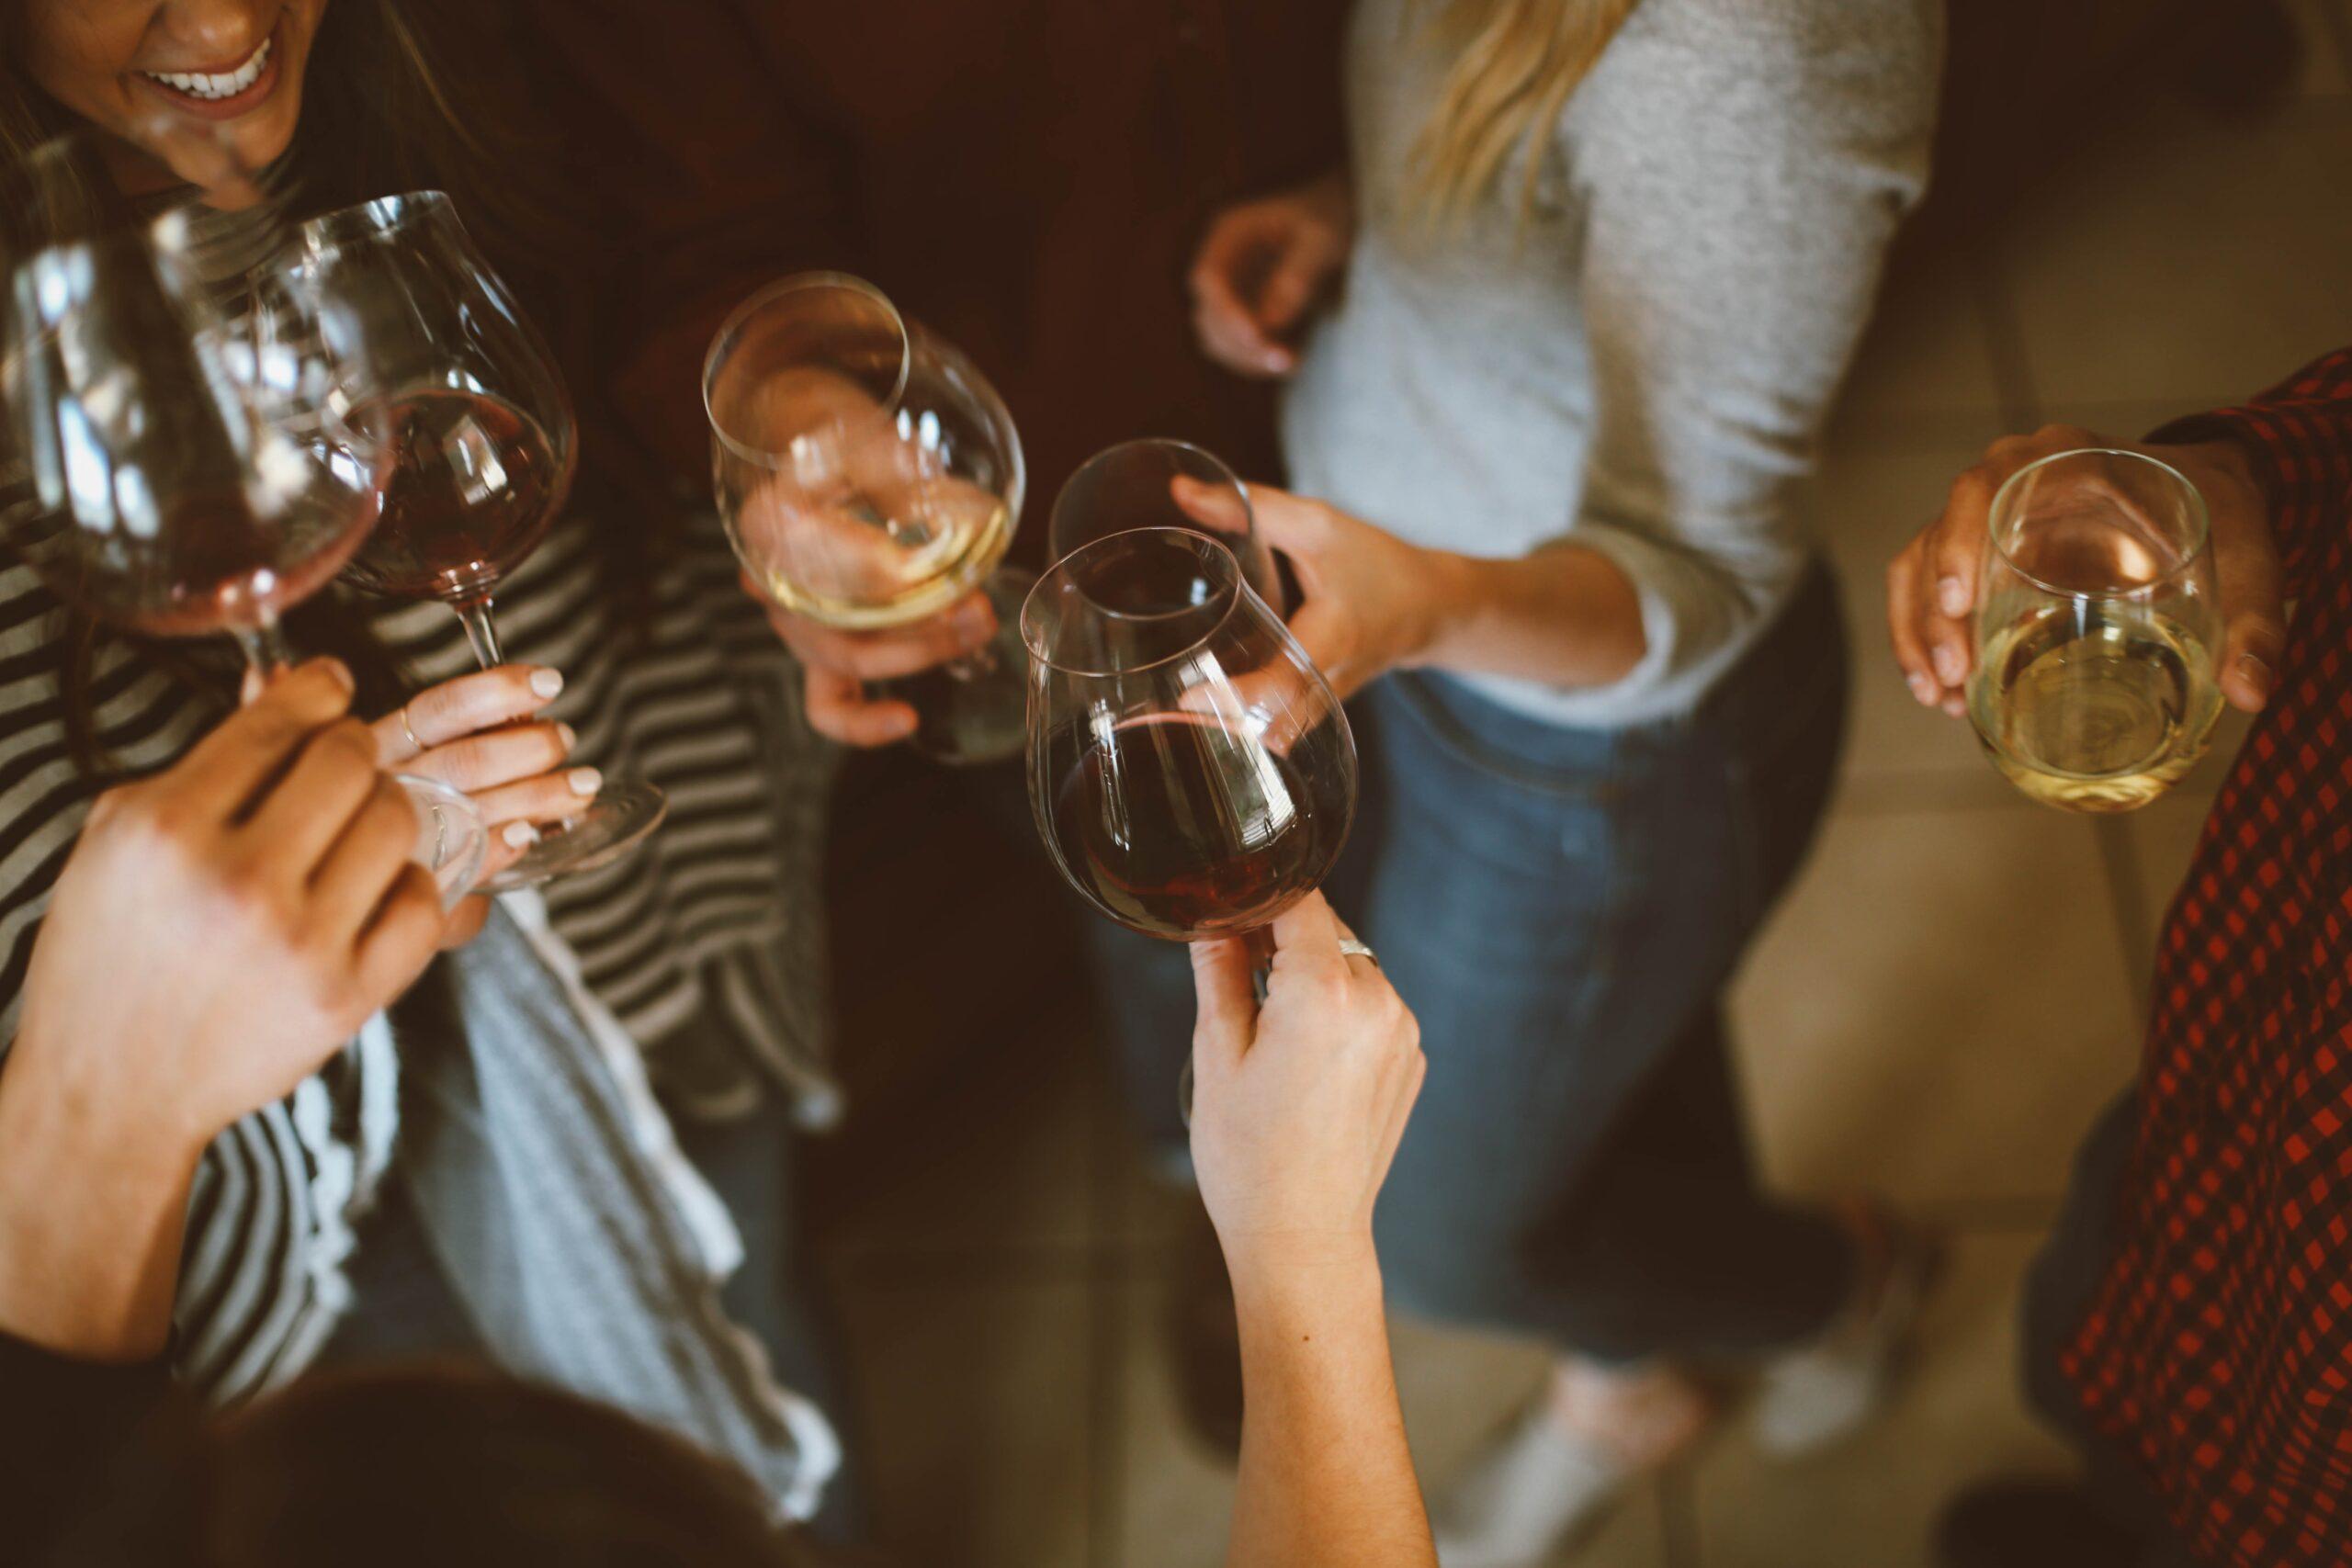 Soirée, alcool et sommeil : comment remédier à la gueule de bois ?